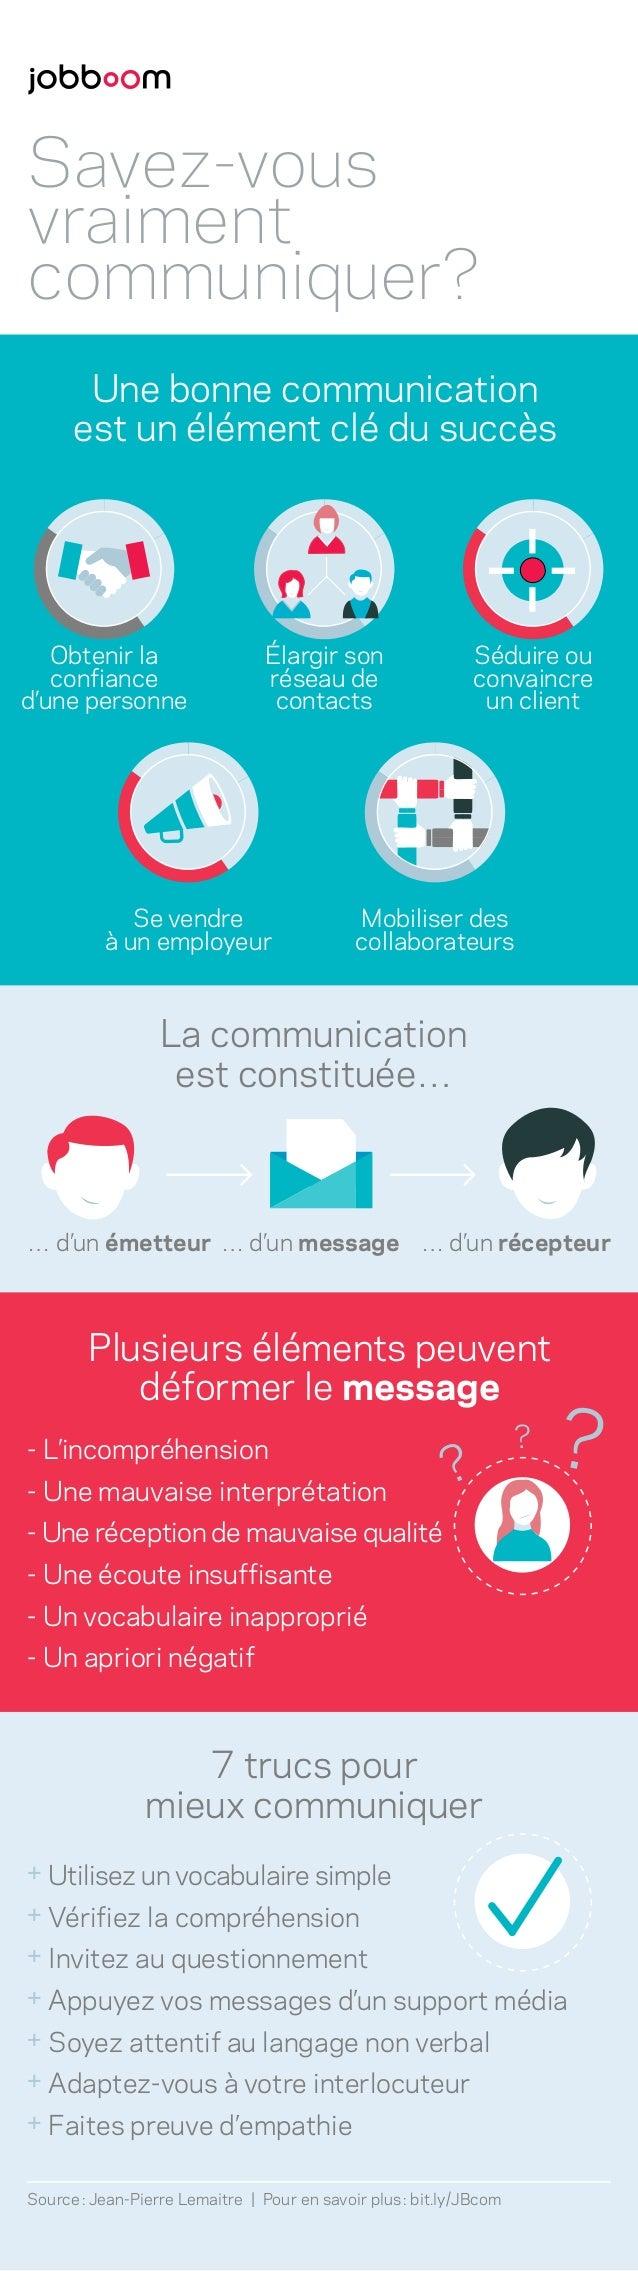 Savez-vous vraiment communiquer? Se vendre à un employeur Mobiliser des collaborateurs Séduire ou convaincre un client Éla...